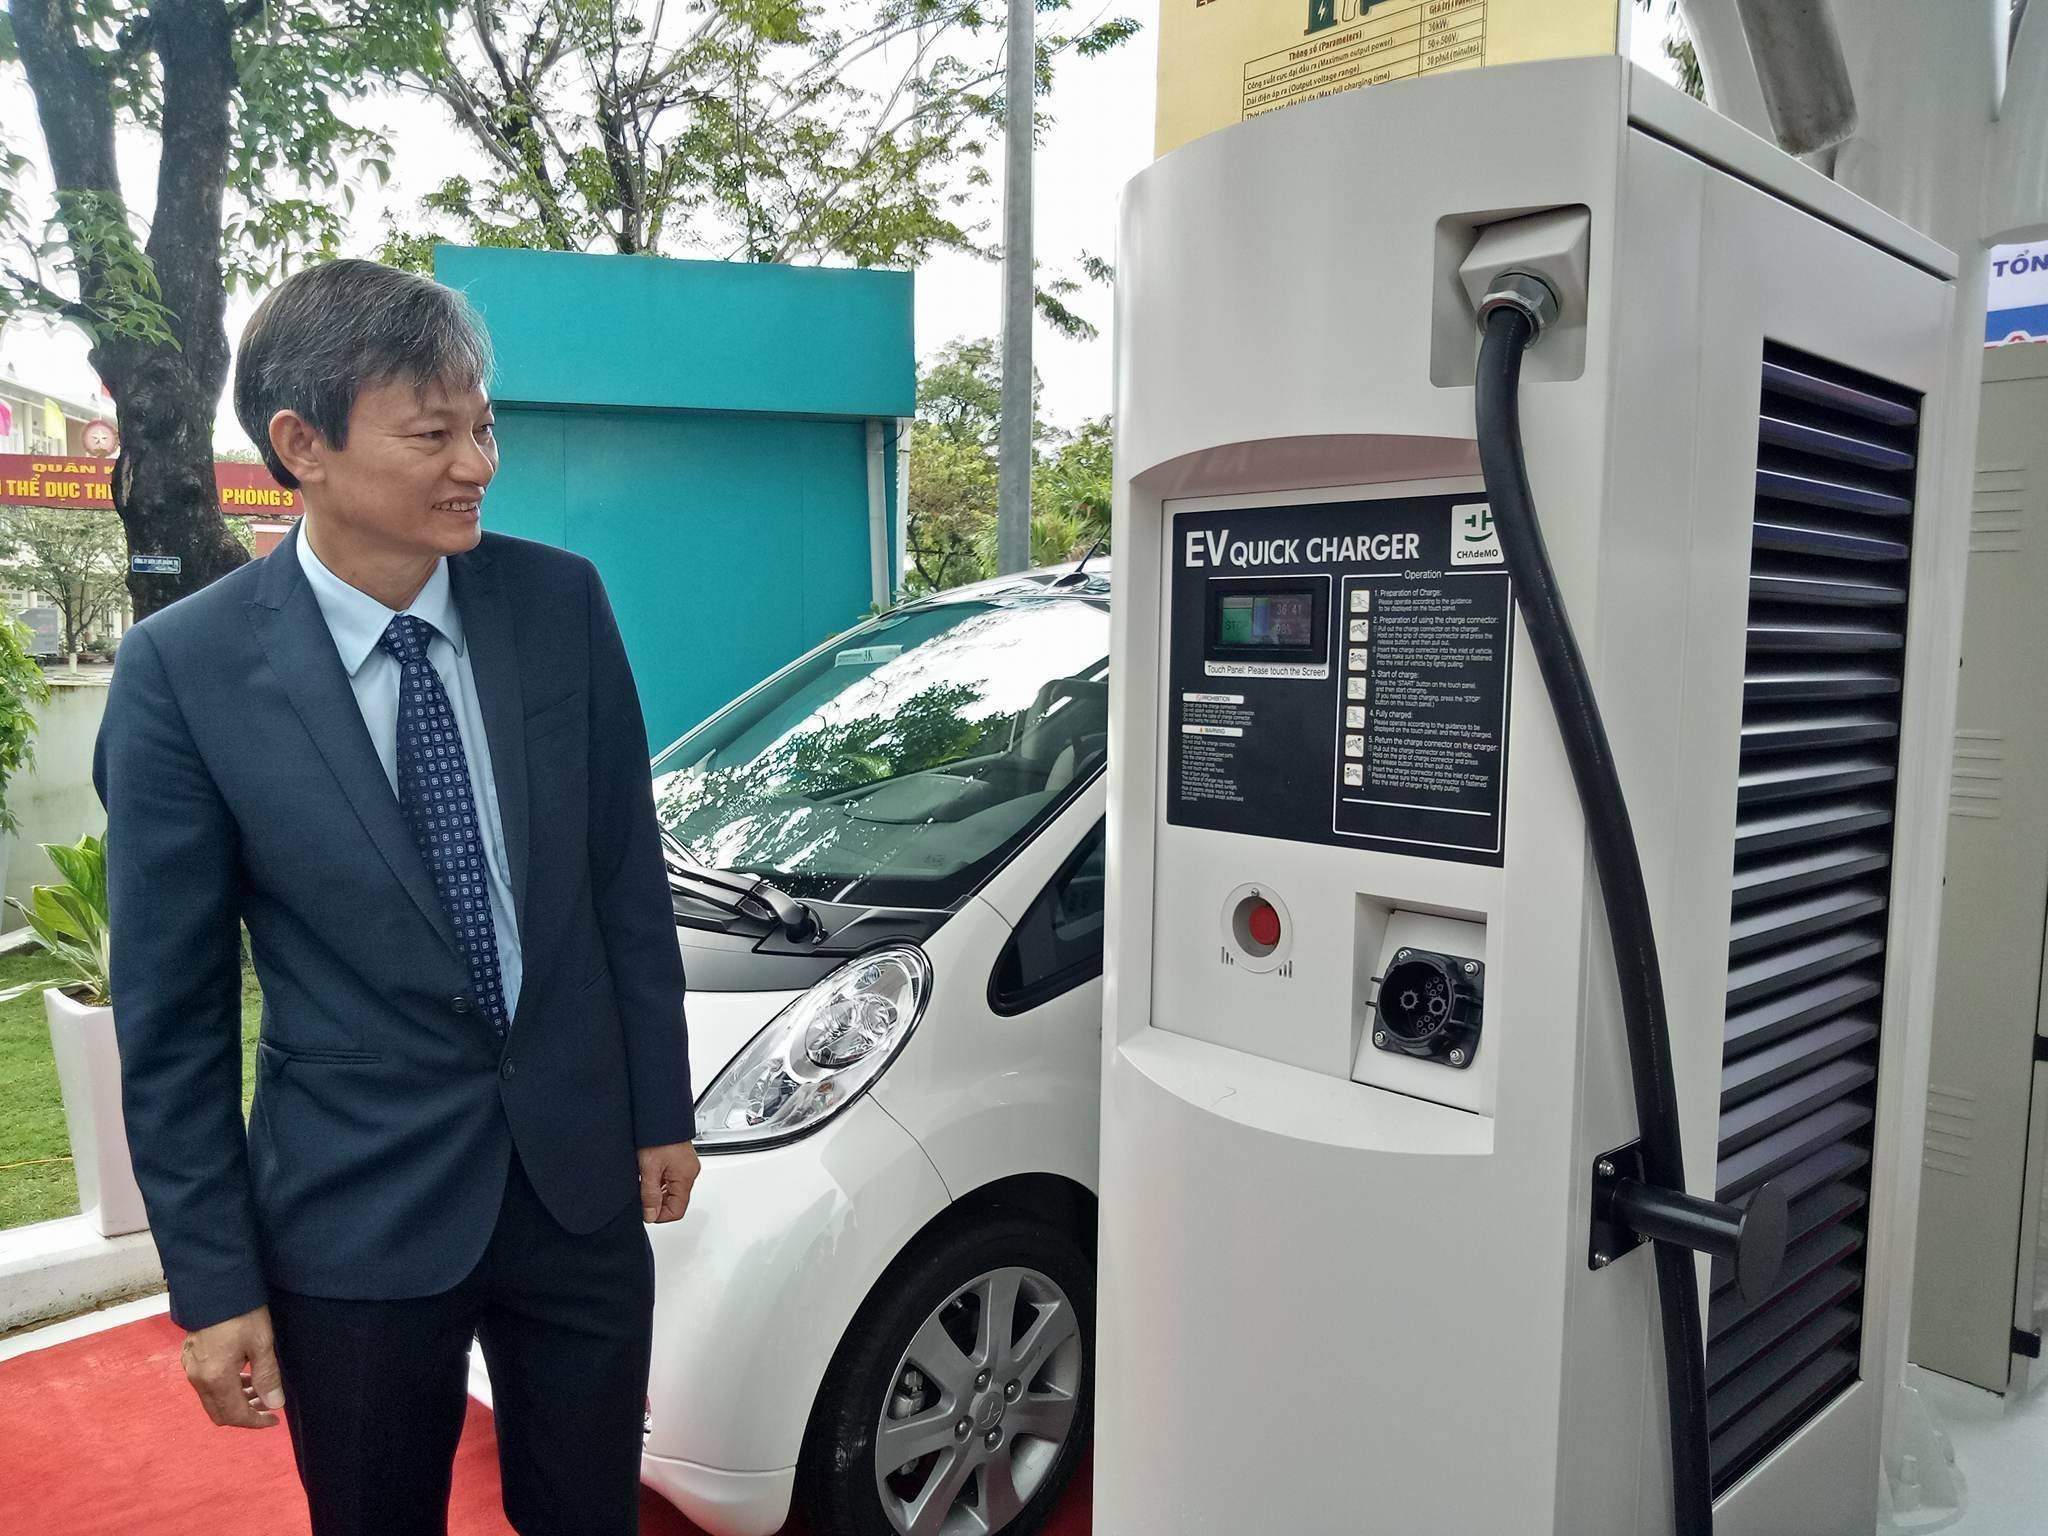 ông Trần Đình Nhân, Tổng Giám đốc EVNCPC thử nghiệm trạm sạc điện ô tô.